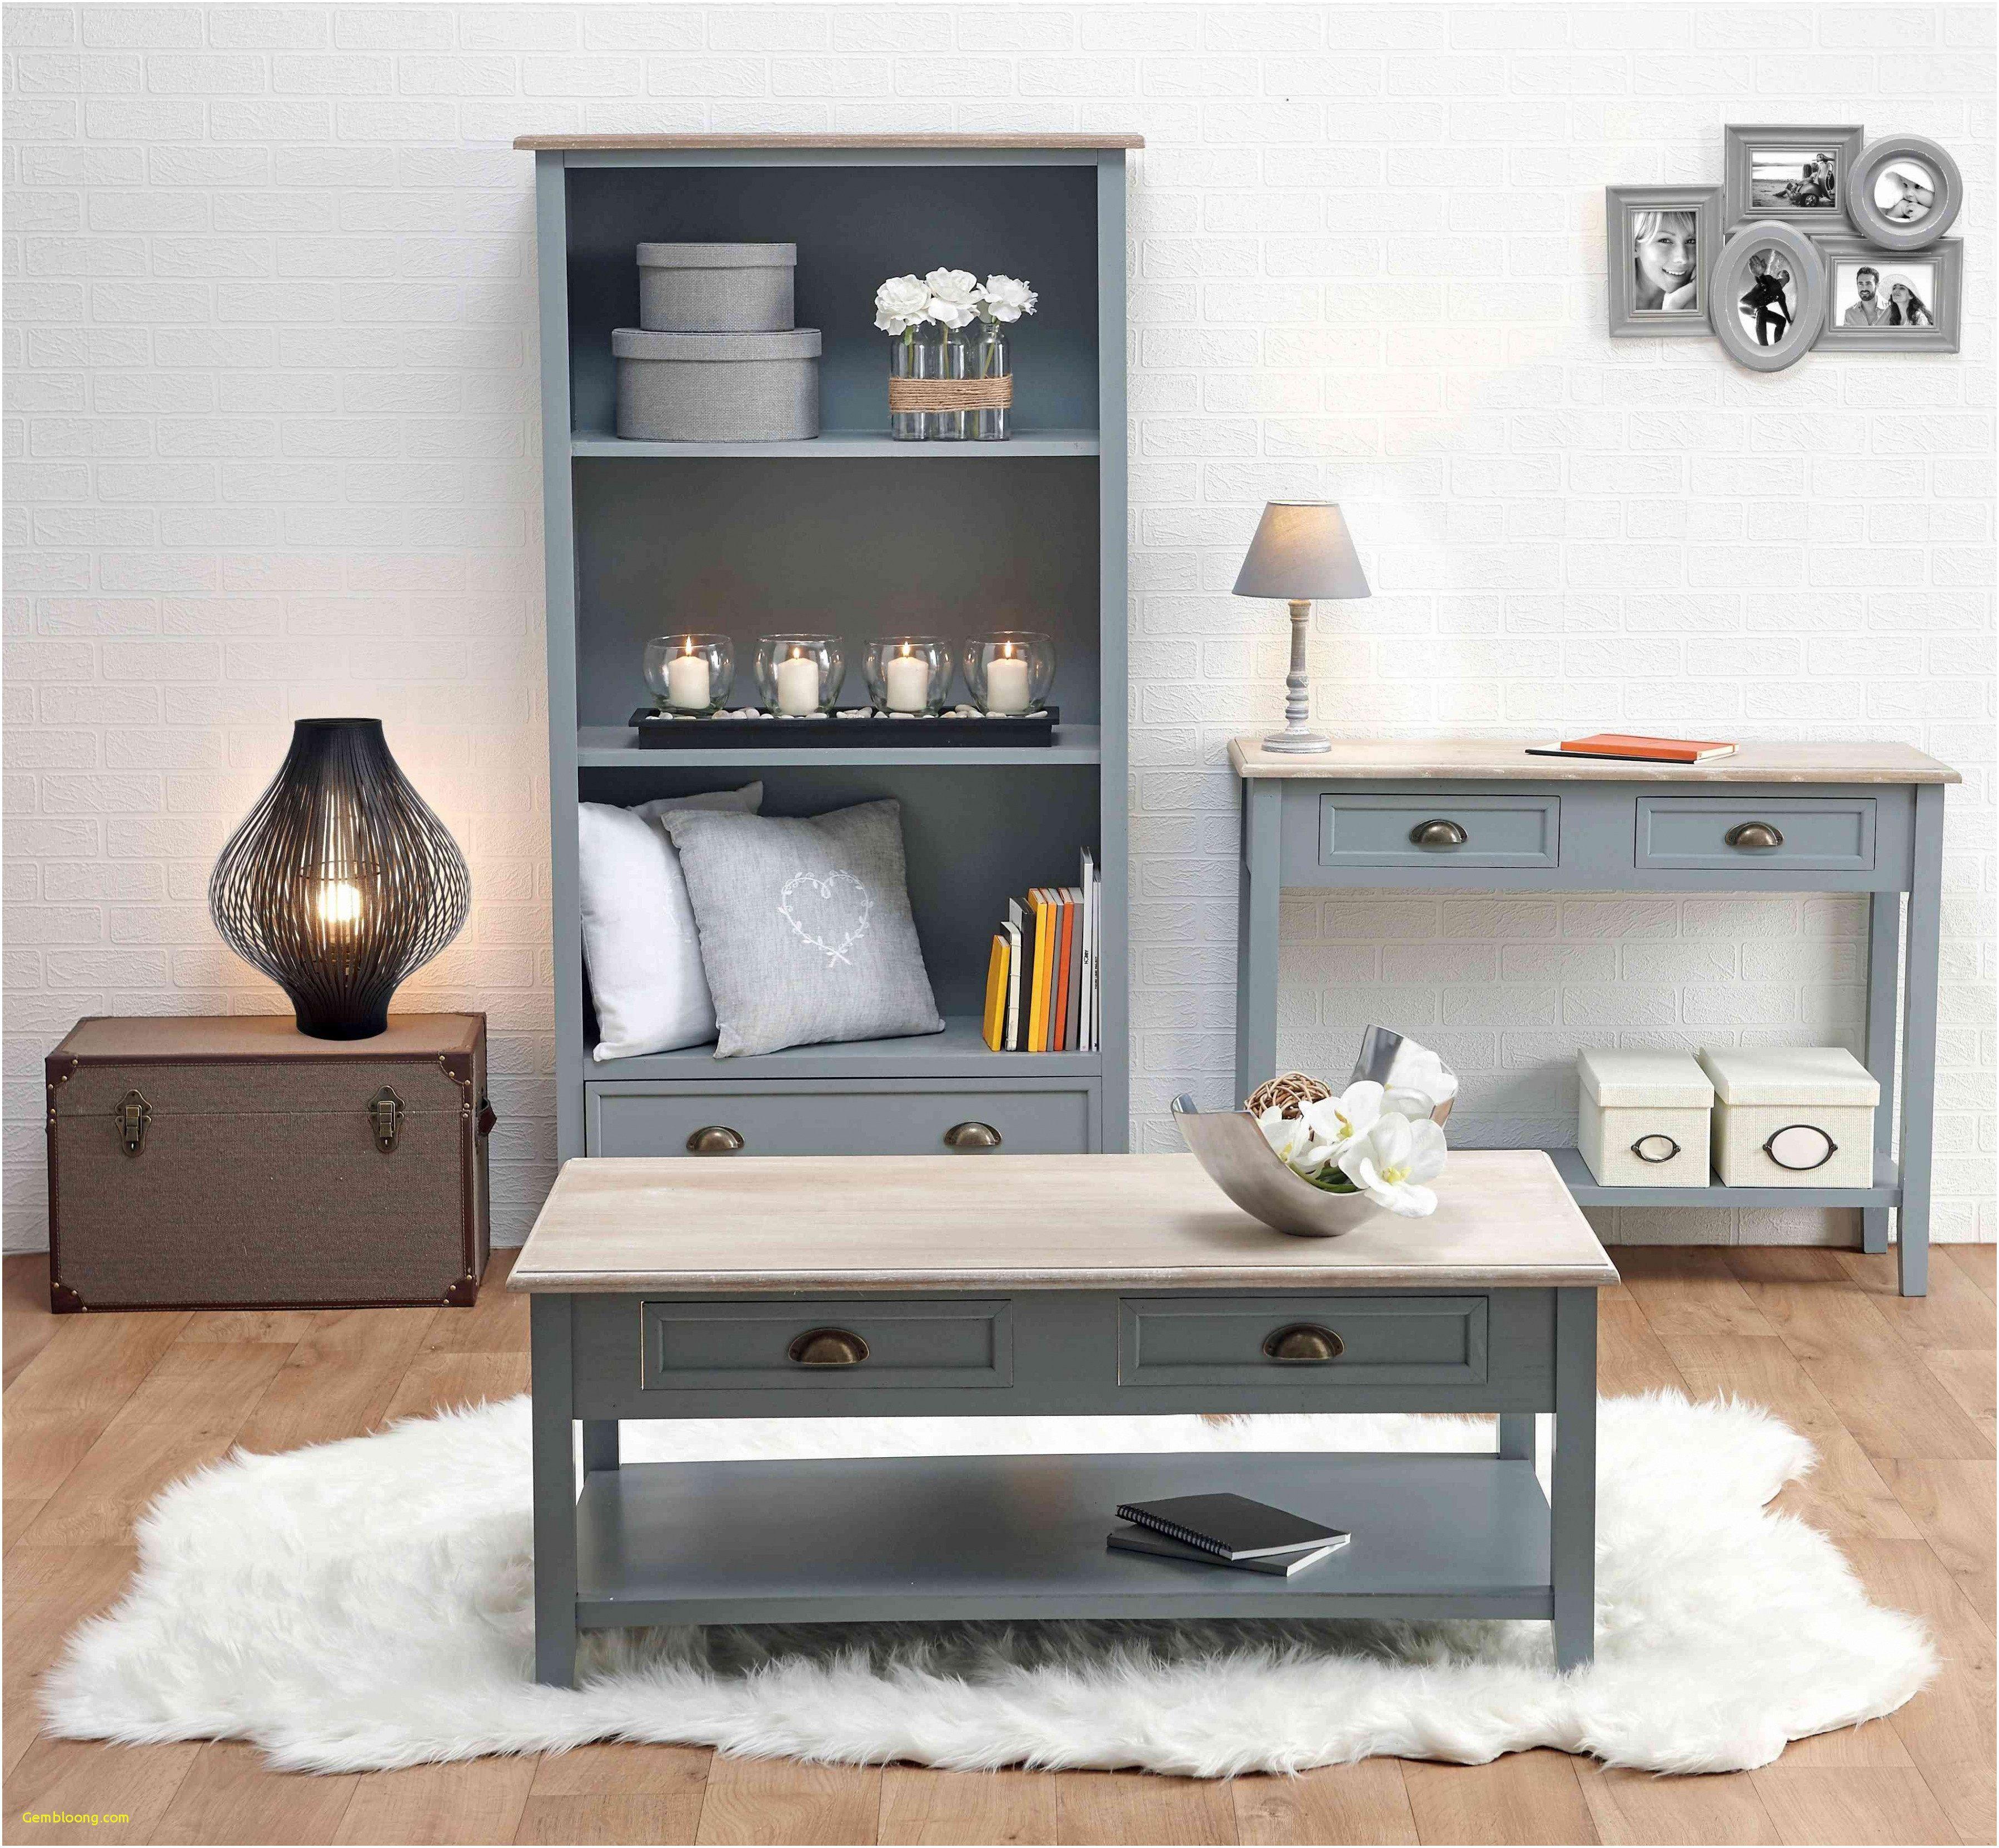 Lit Design Enfant De Luxe Lit Et Armoire Enfant De Luxe Exceptionnel Chambre Design Enfant Lit